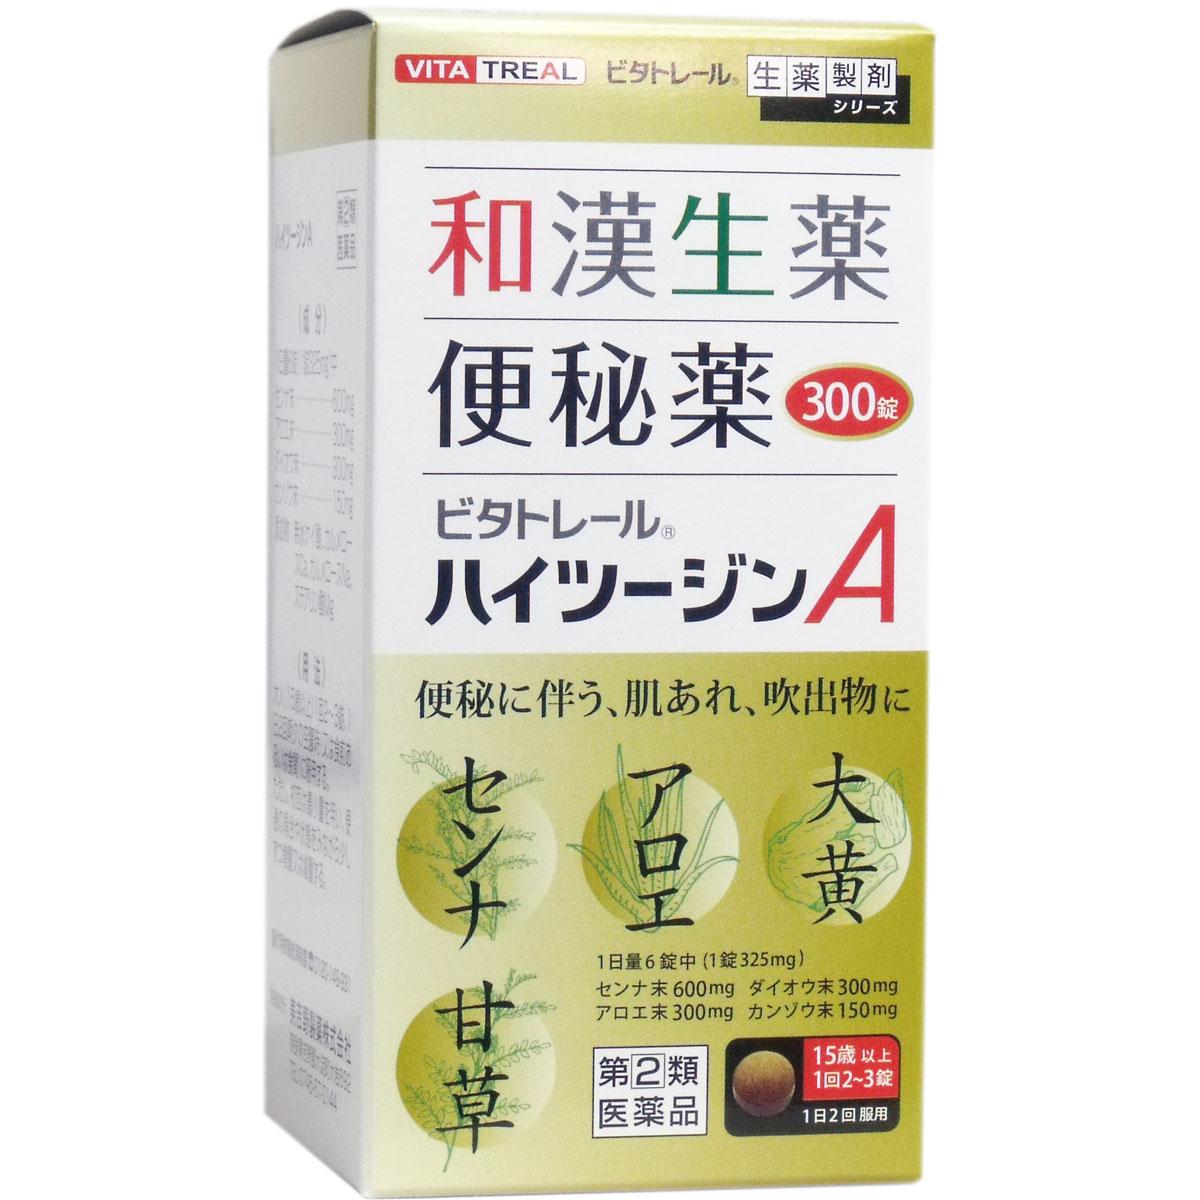 【第(2)類医薬品】 ビタトレール ハイツージンA 和漢生薬便秘薬 300錠